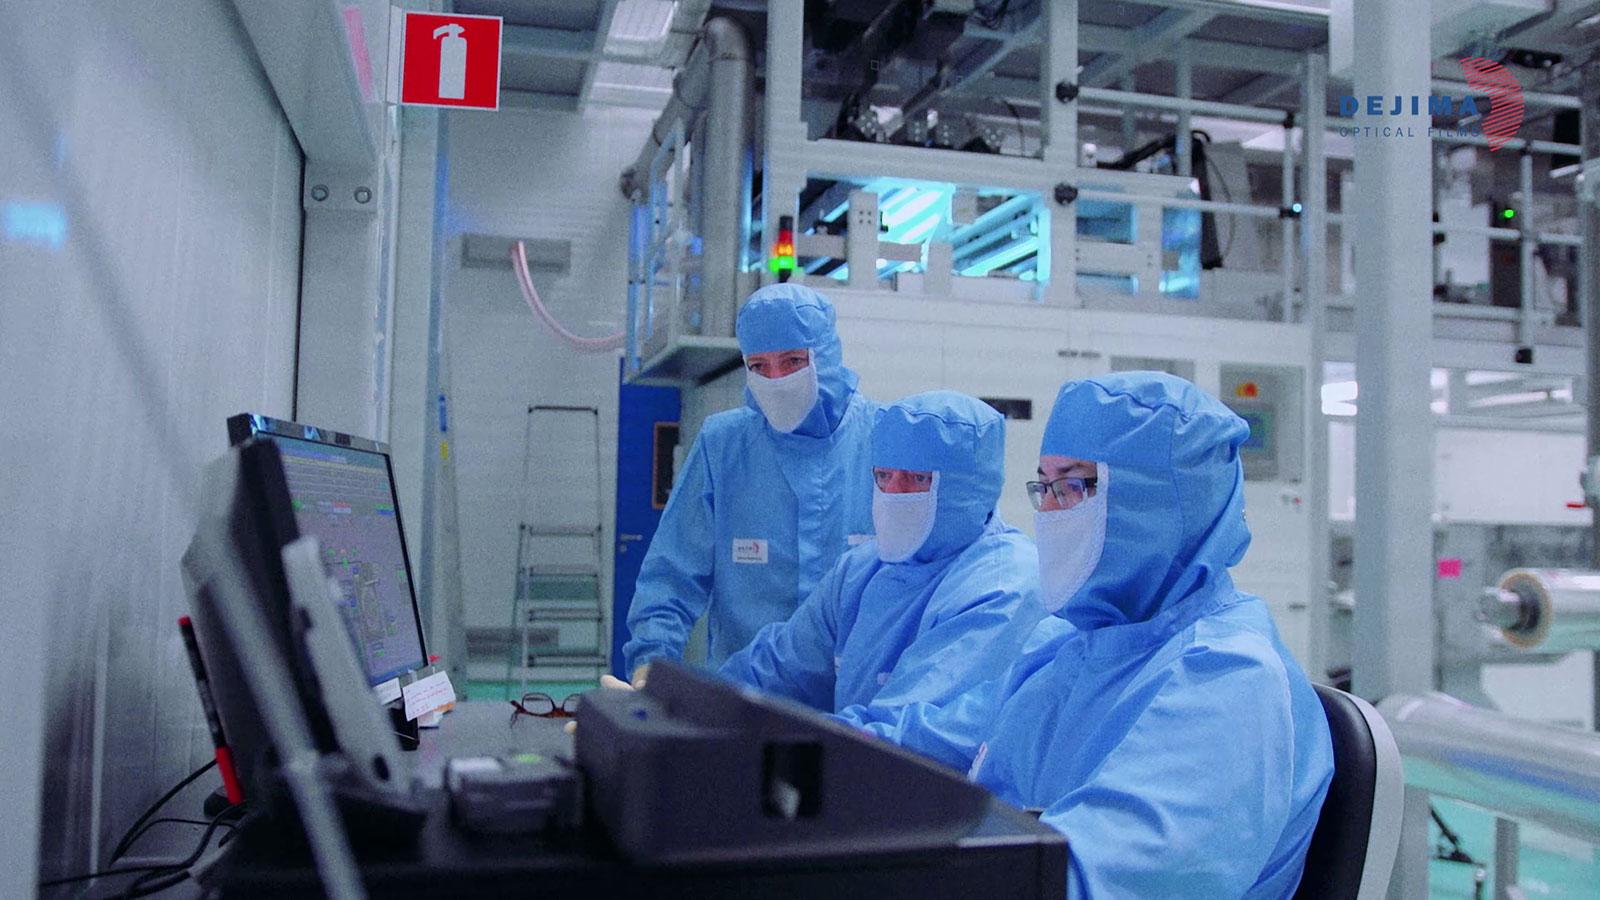 bedrijfspresentatie video laten maken Bedrijfsfilm Breda medische films voor in de zorg ziekenhuis-lab